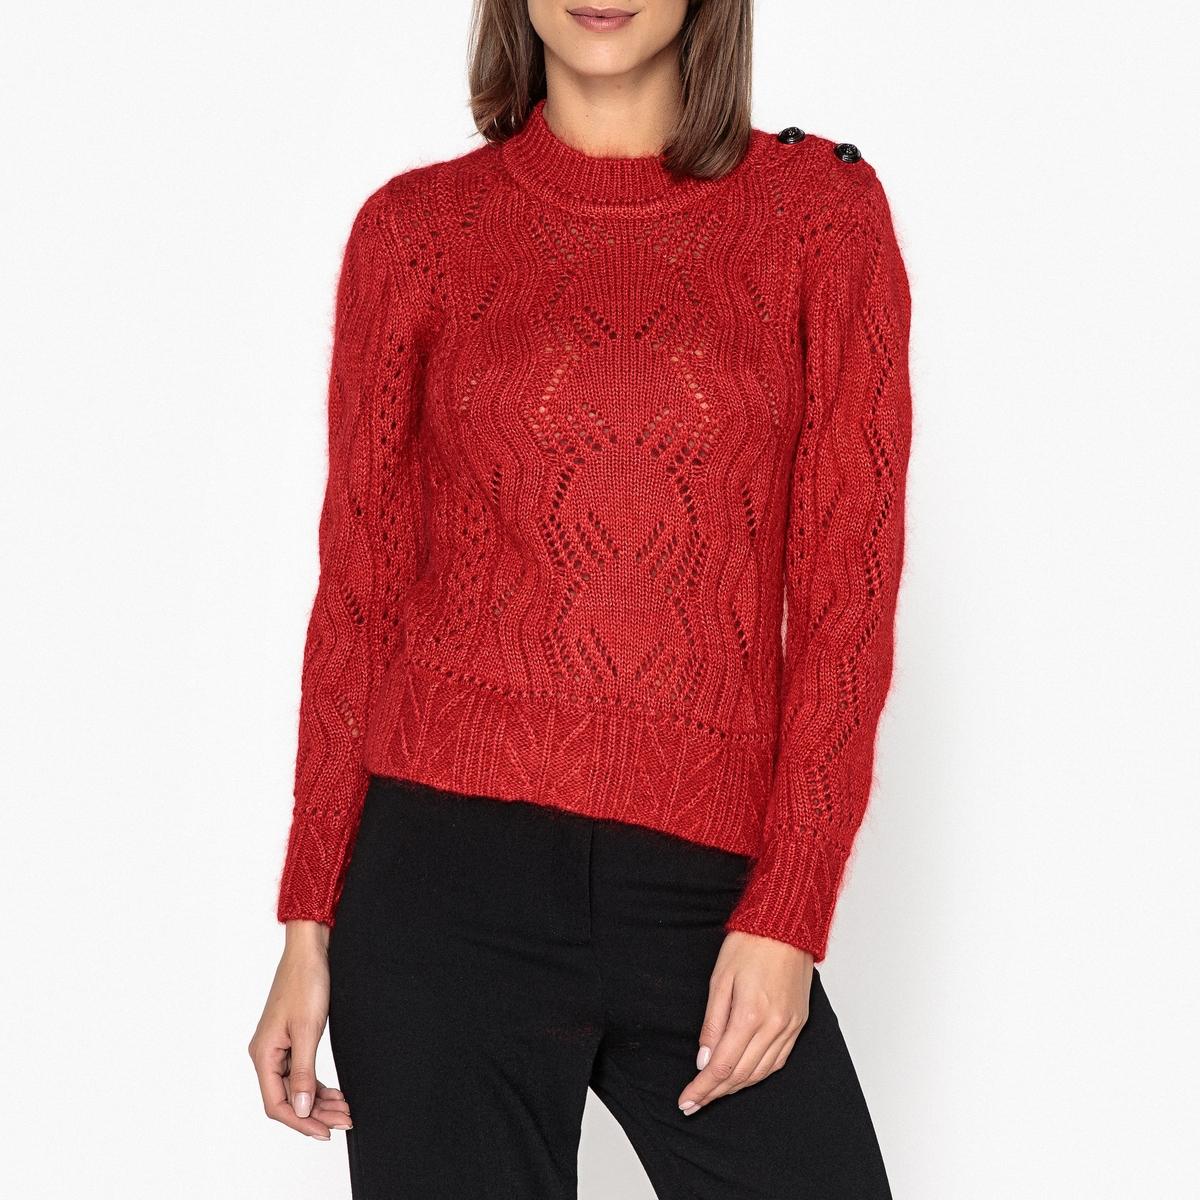 Пуловер с круглым вырезом NUMA пуловер с круглым вырезом из хлопка и льна